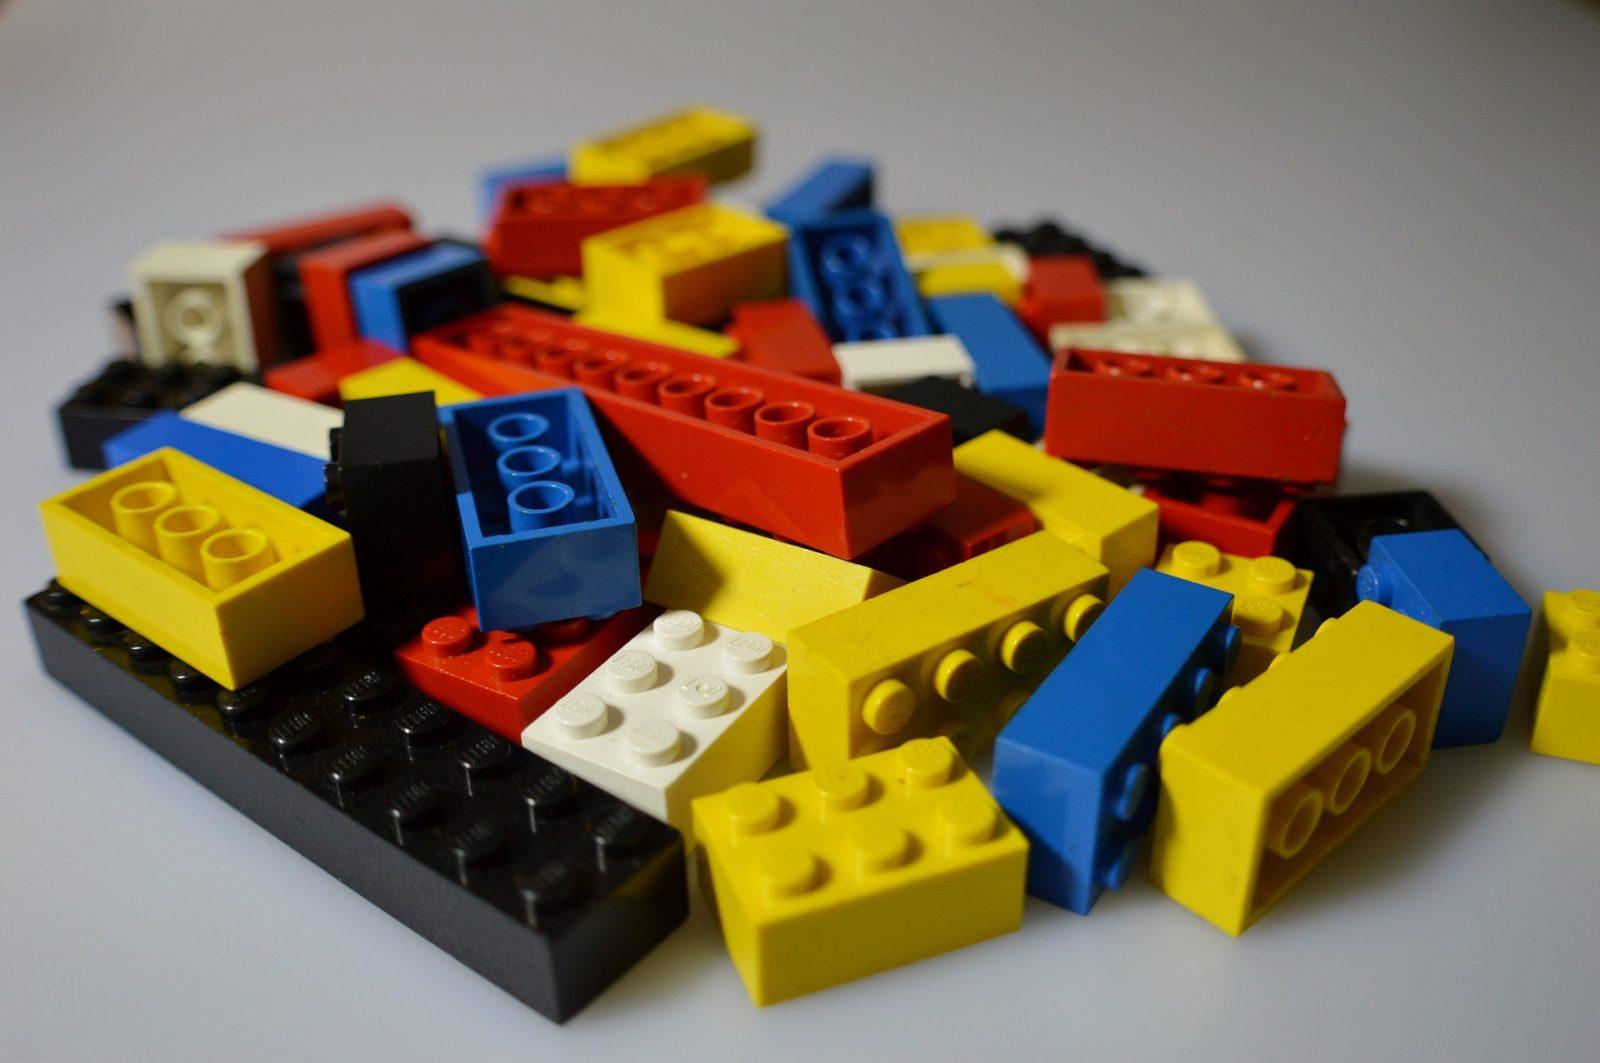 WIX investieren - Bild mit Lego Bauteilen